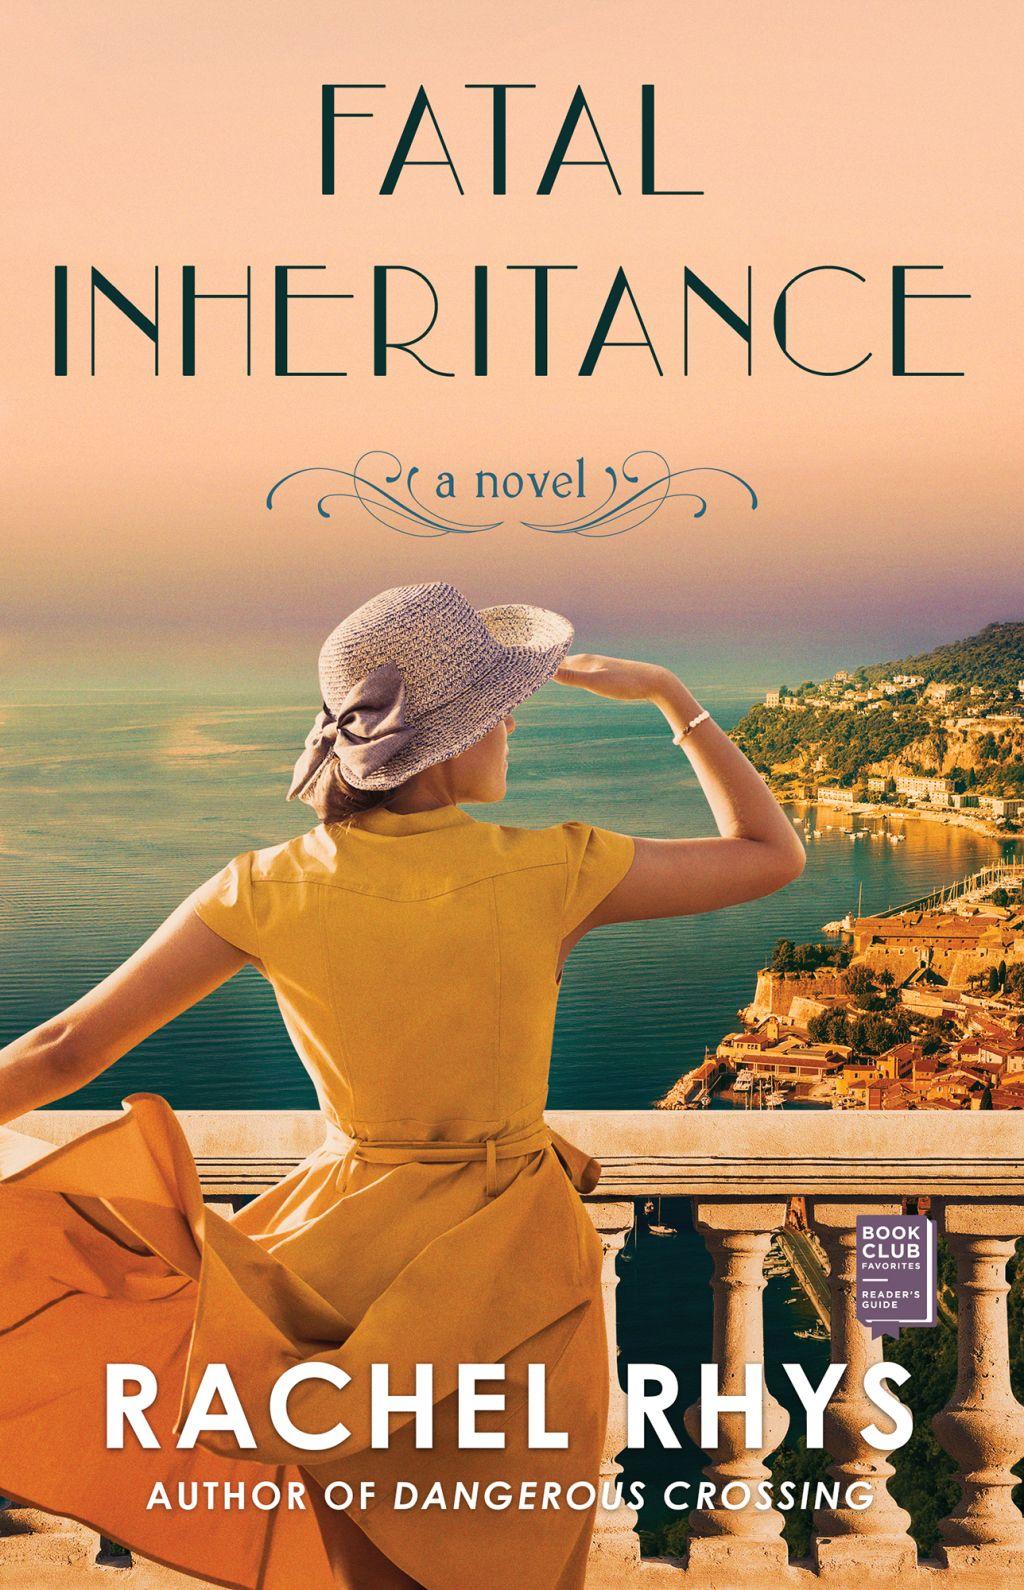 Fatal inheritance ebook novels historical novels books